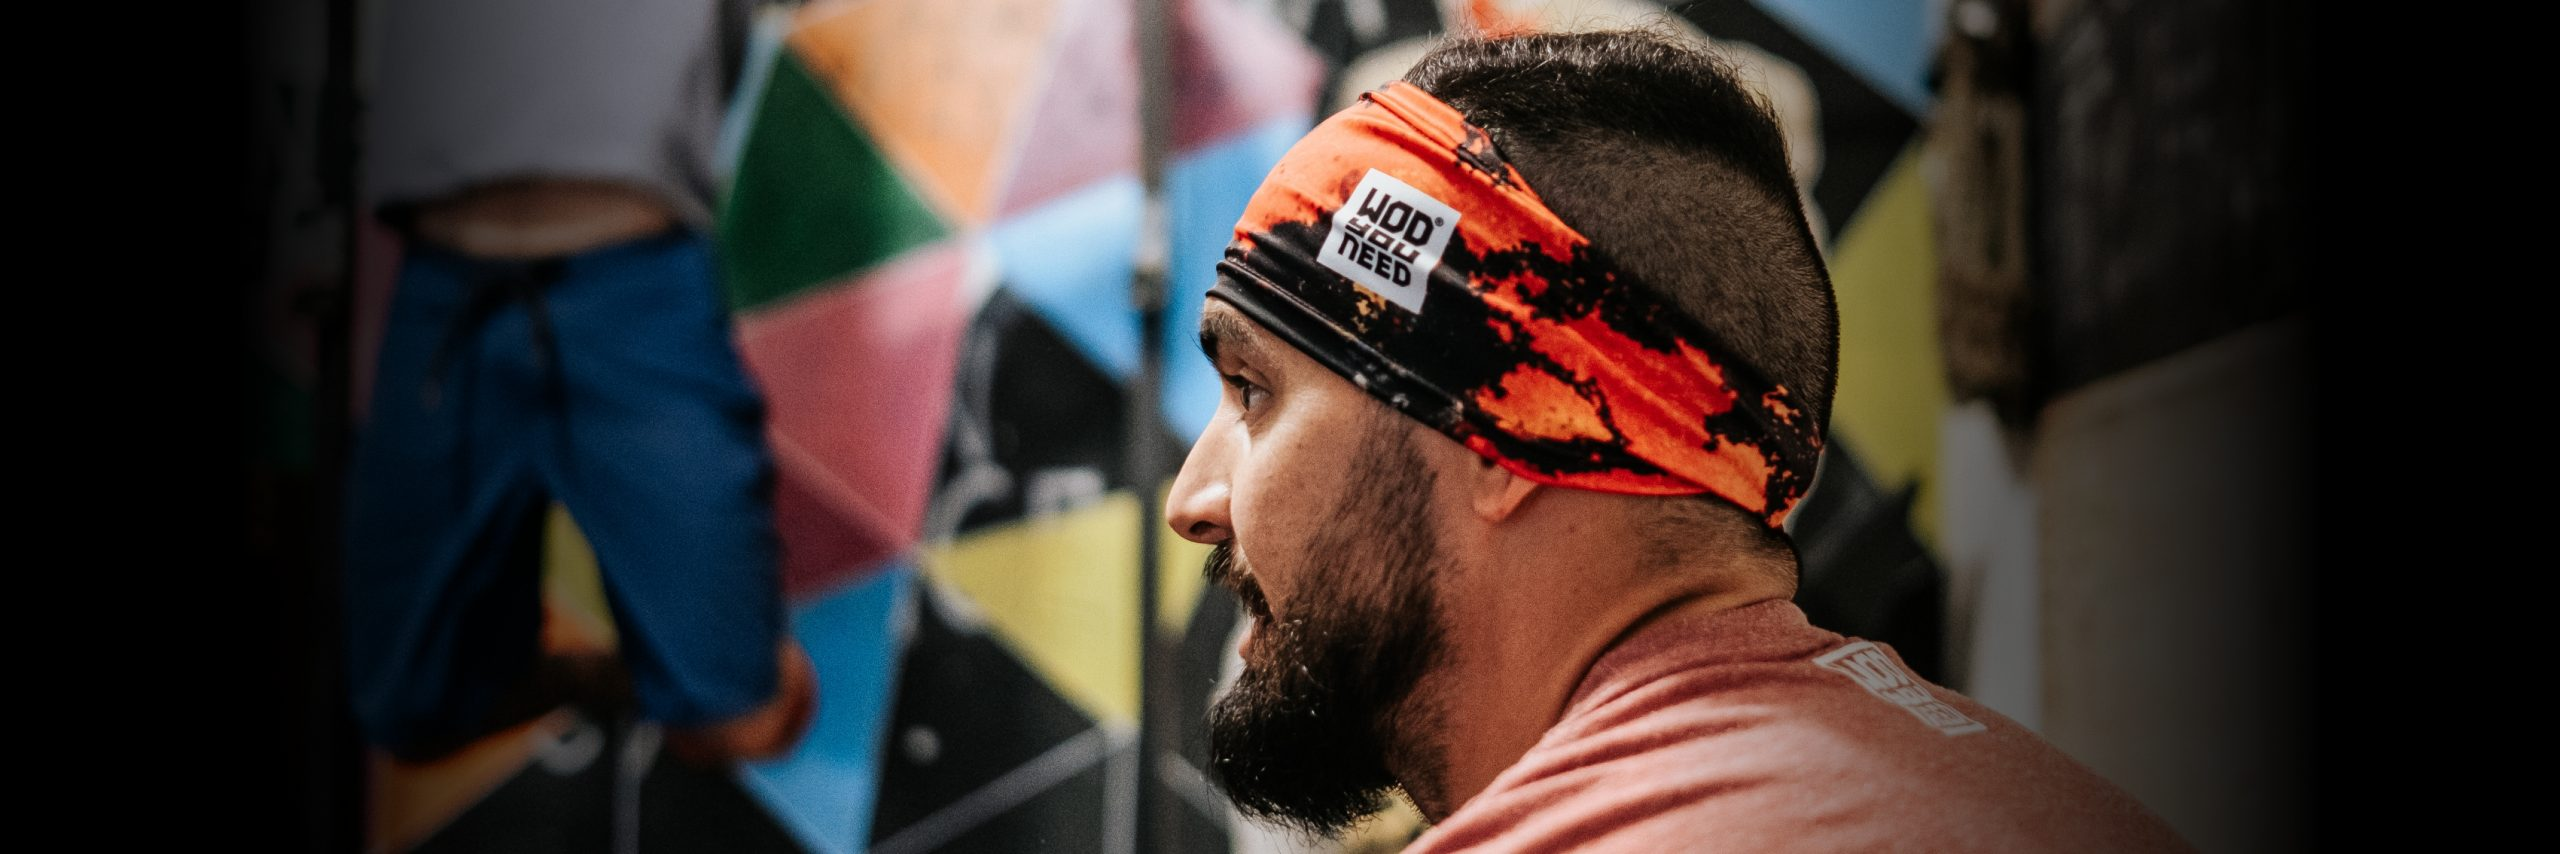 wyn-banner-headband